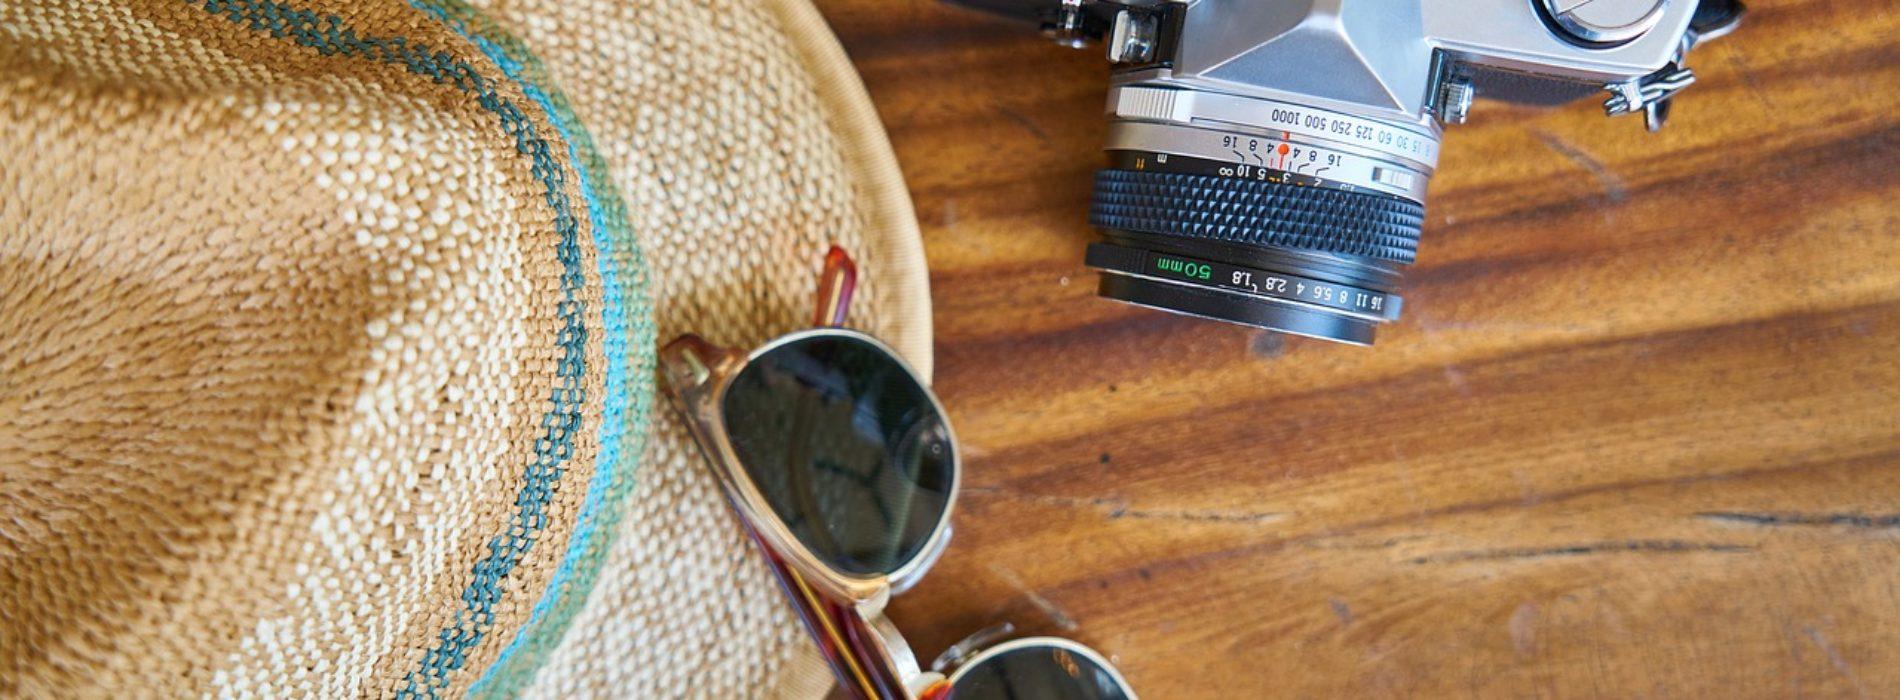 Jak załatwić szybki kredyt na wakacje?